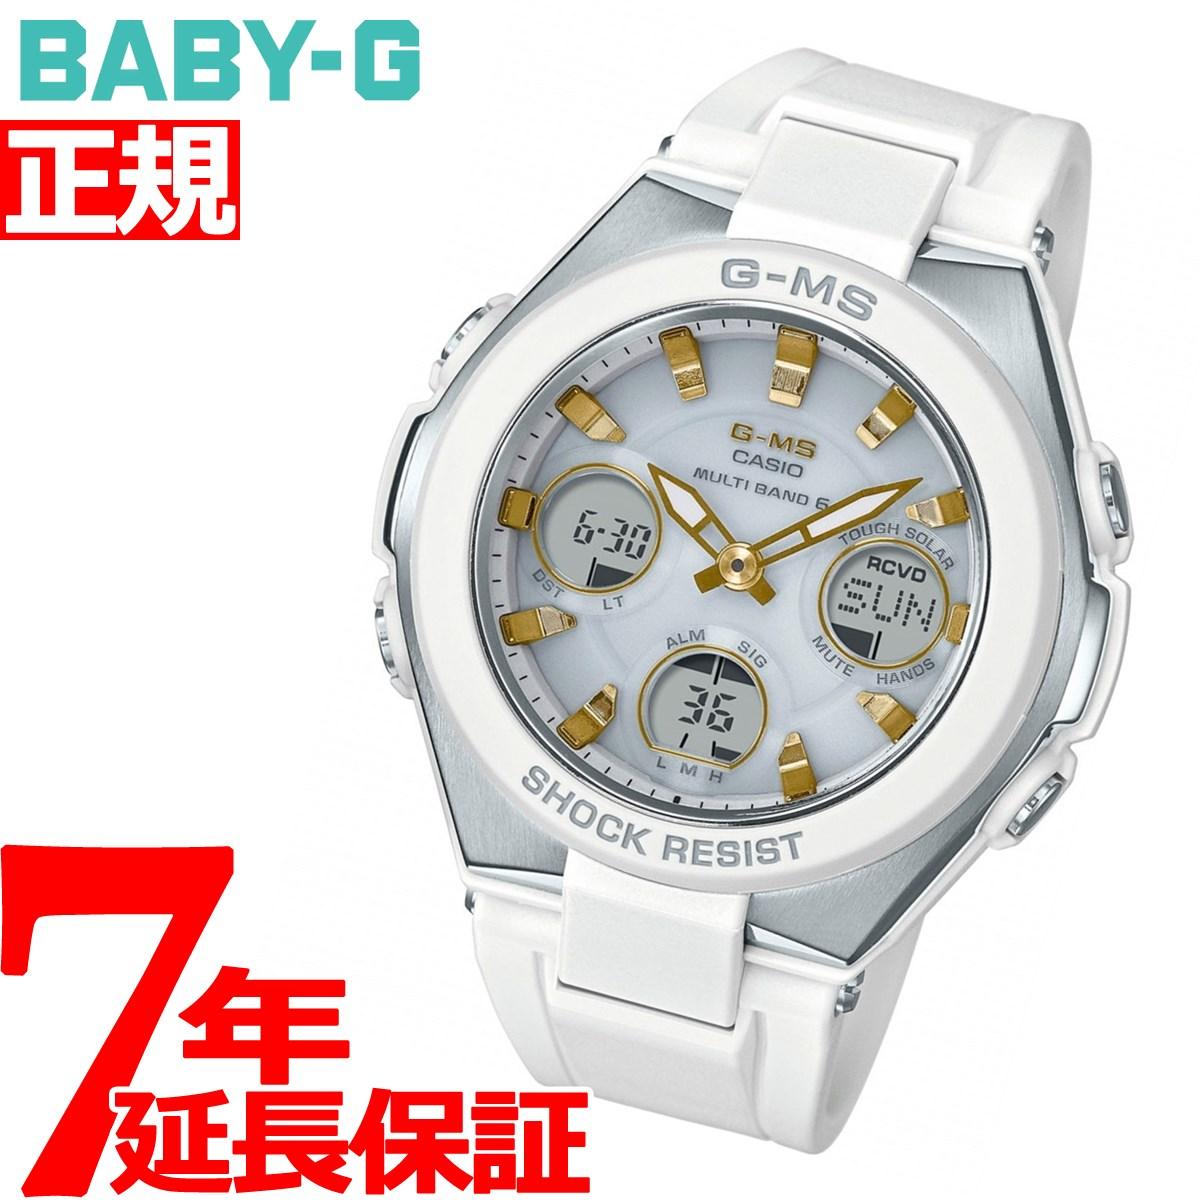 今だけ!店内ポイント最大38倍!19日9時59分まで! カシオ ベビーG CASIO BABY-G G-MS 電波 ソーラー 電波時計 腕時計 レディース タフソーラー MSG-W100-7A2JF